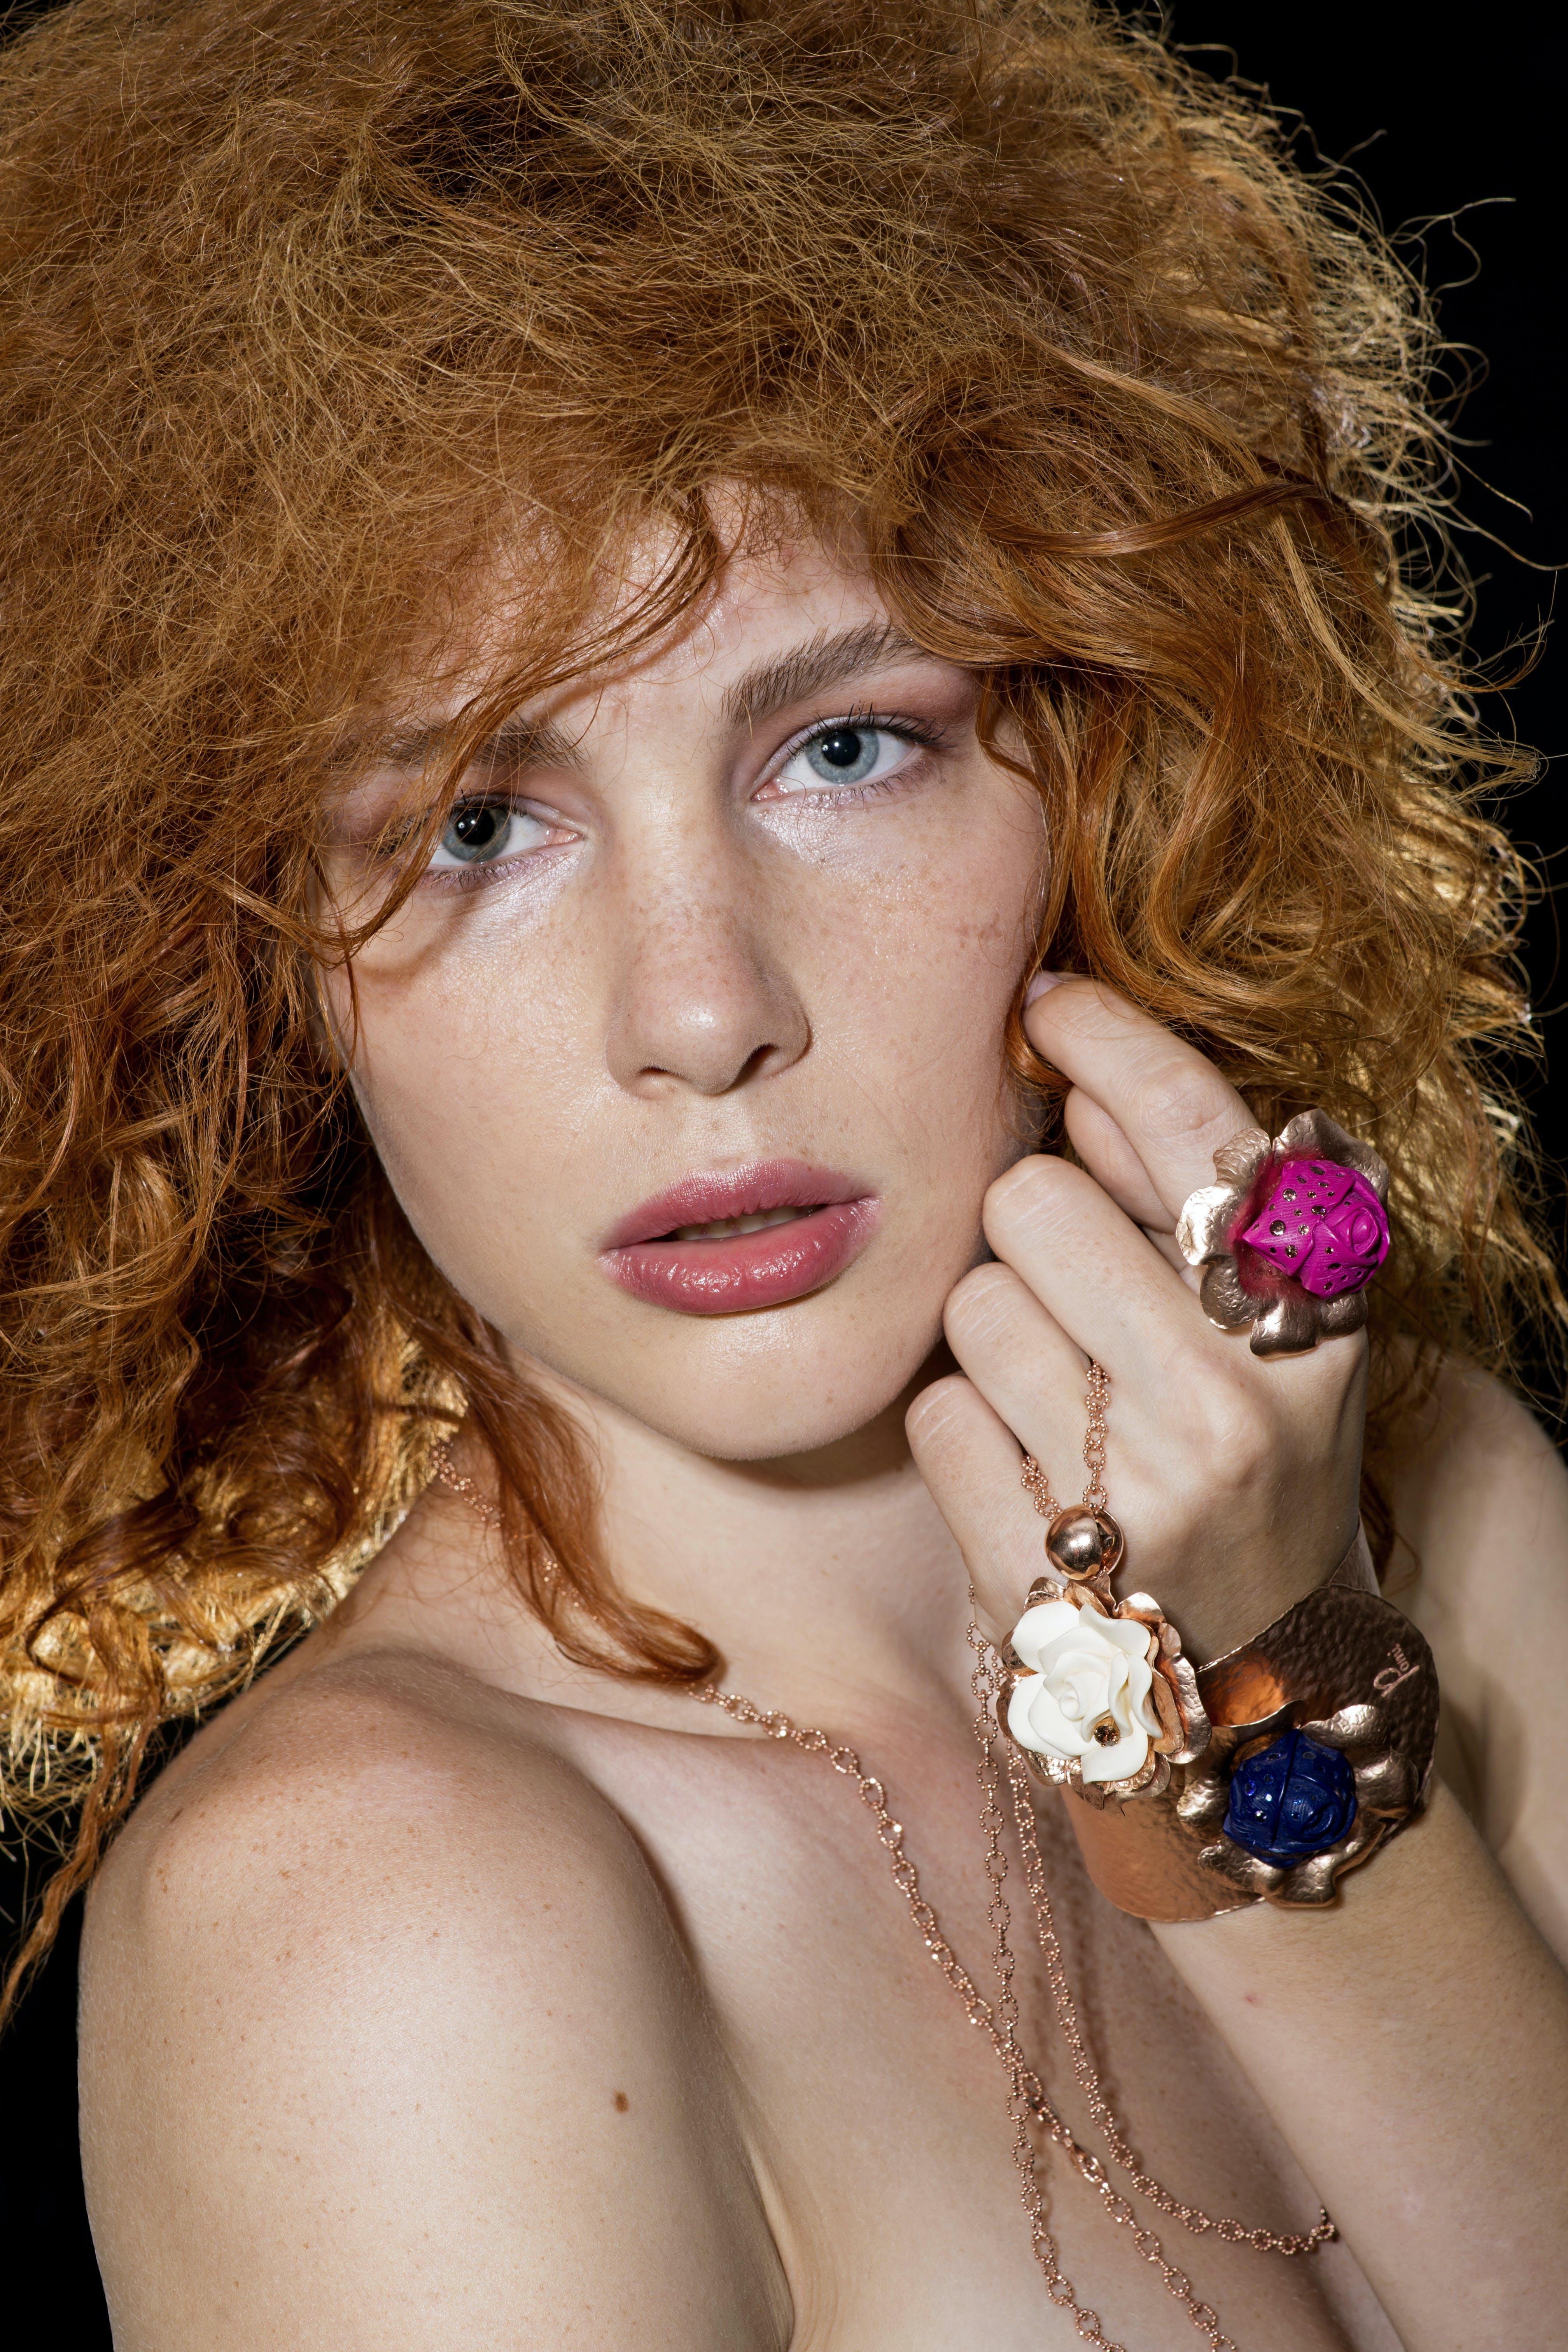 곱슬머리, 귀여운, 눈, 머리의 무료 스톡 사진